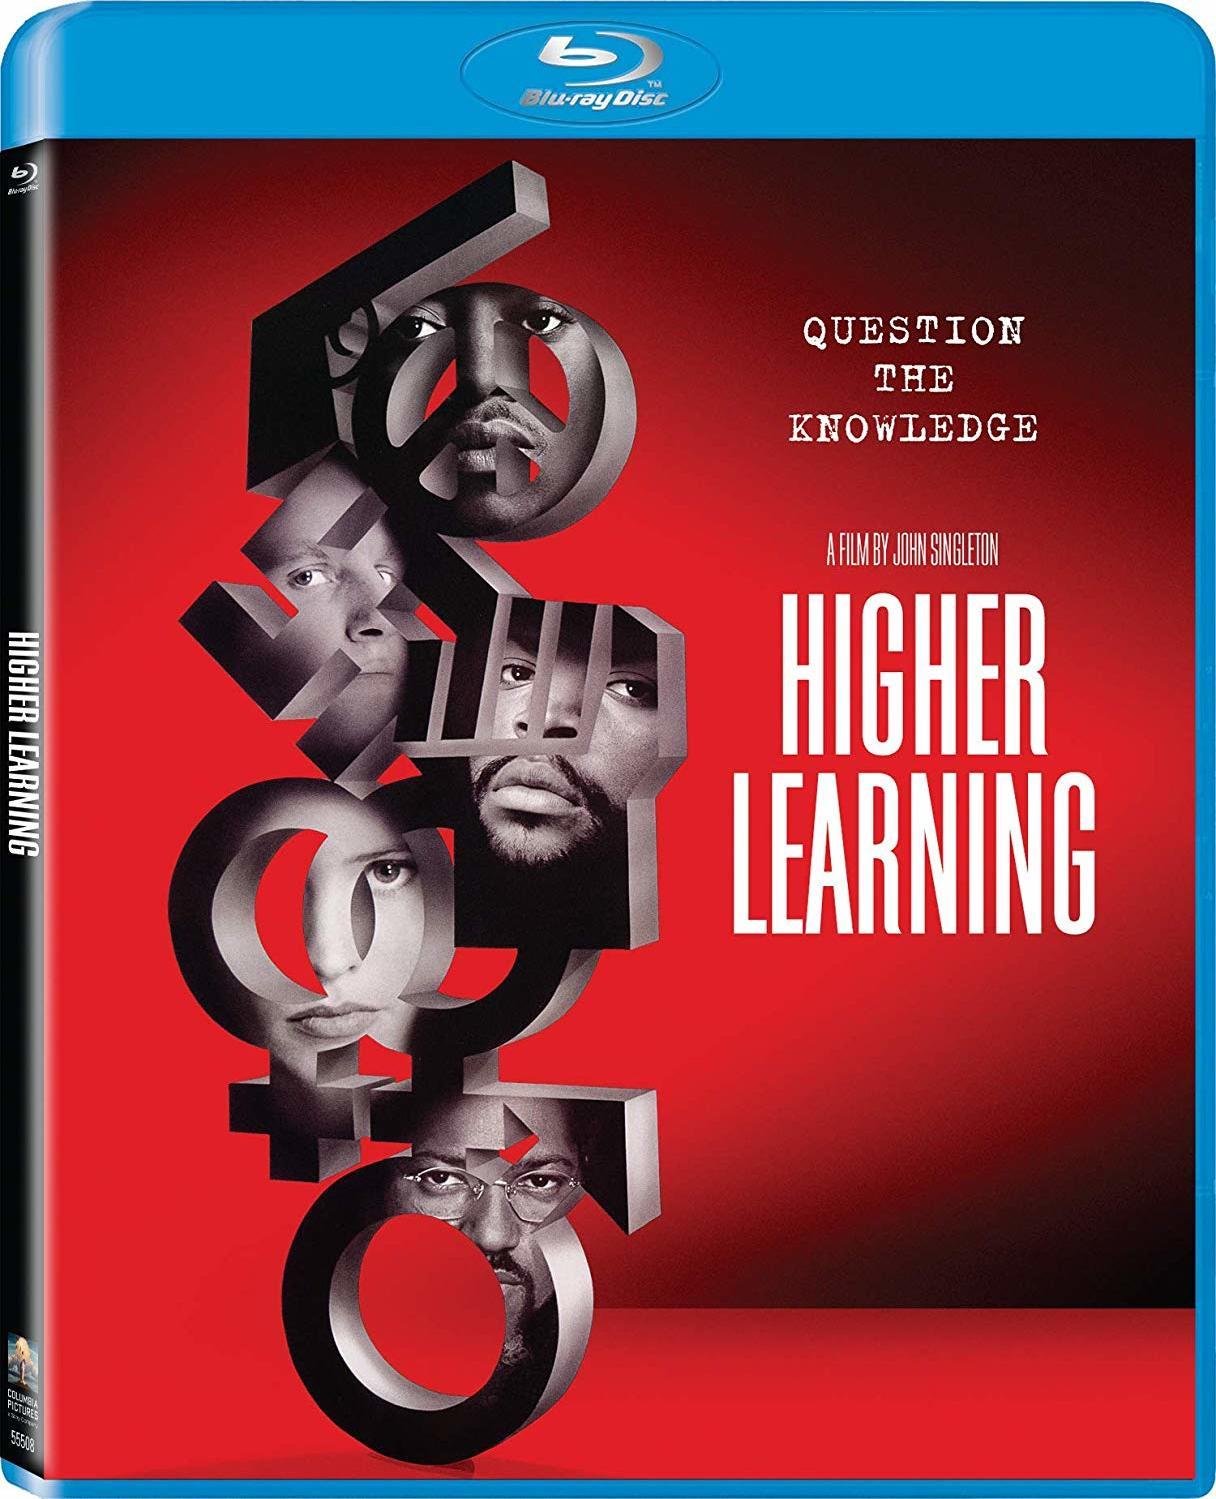 Higher Learning (Blu-ray)(Region A)